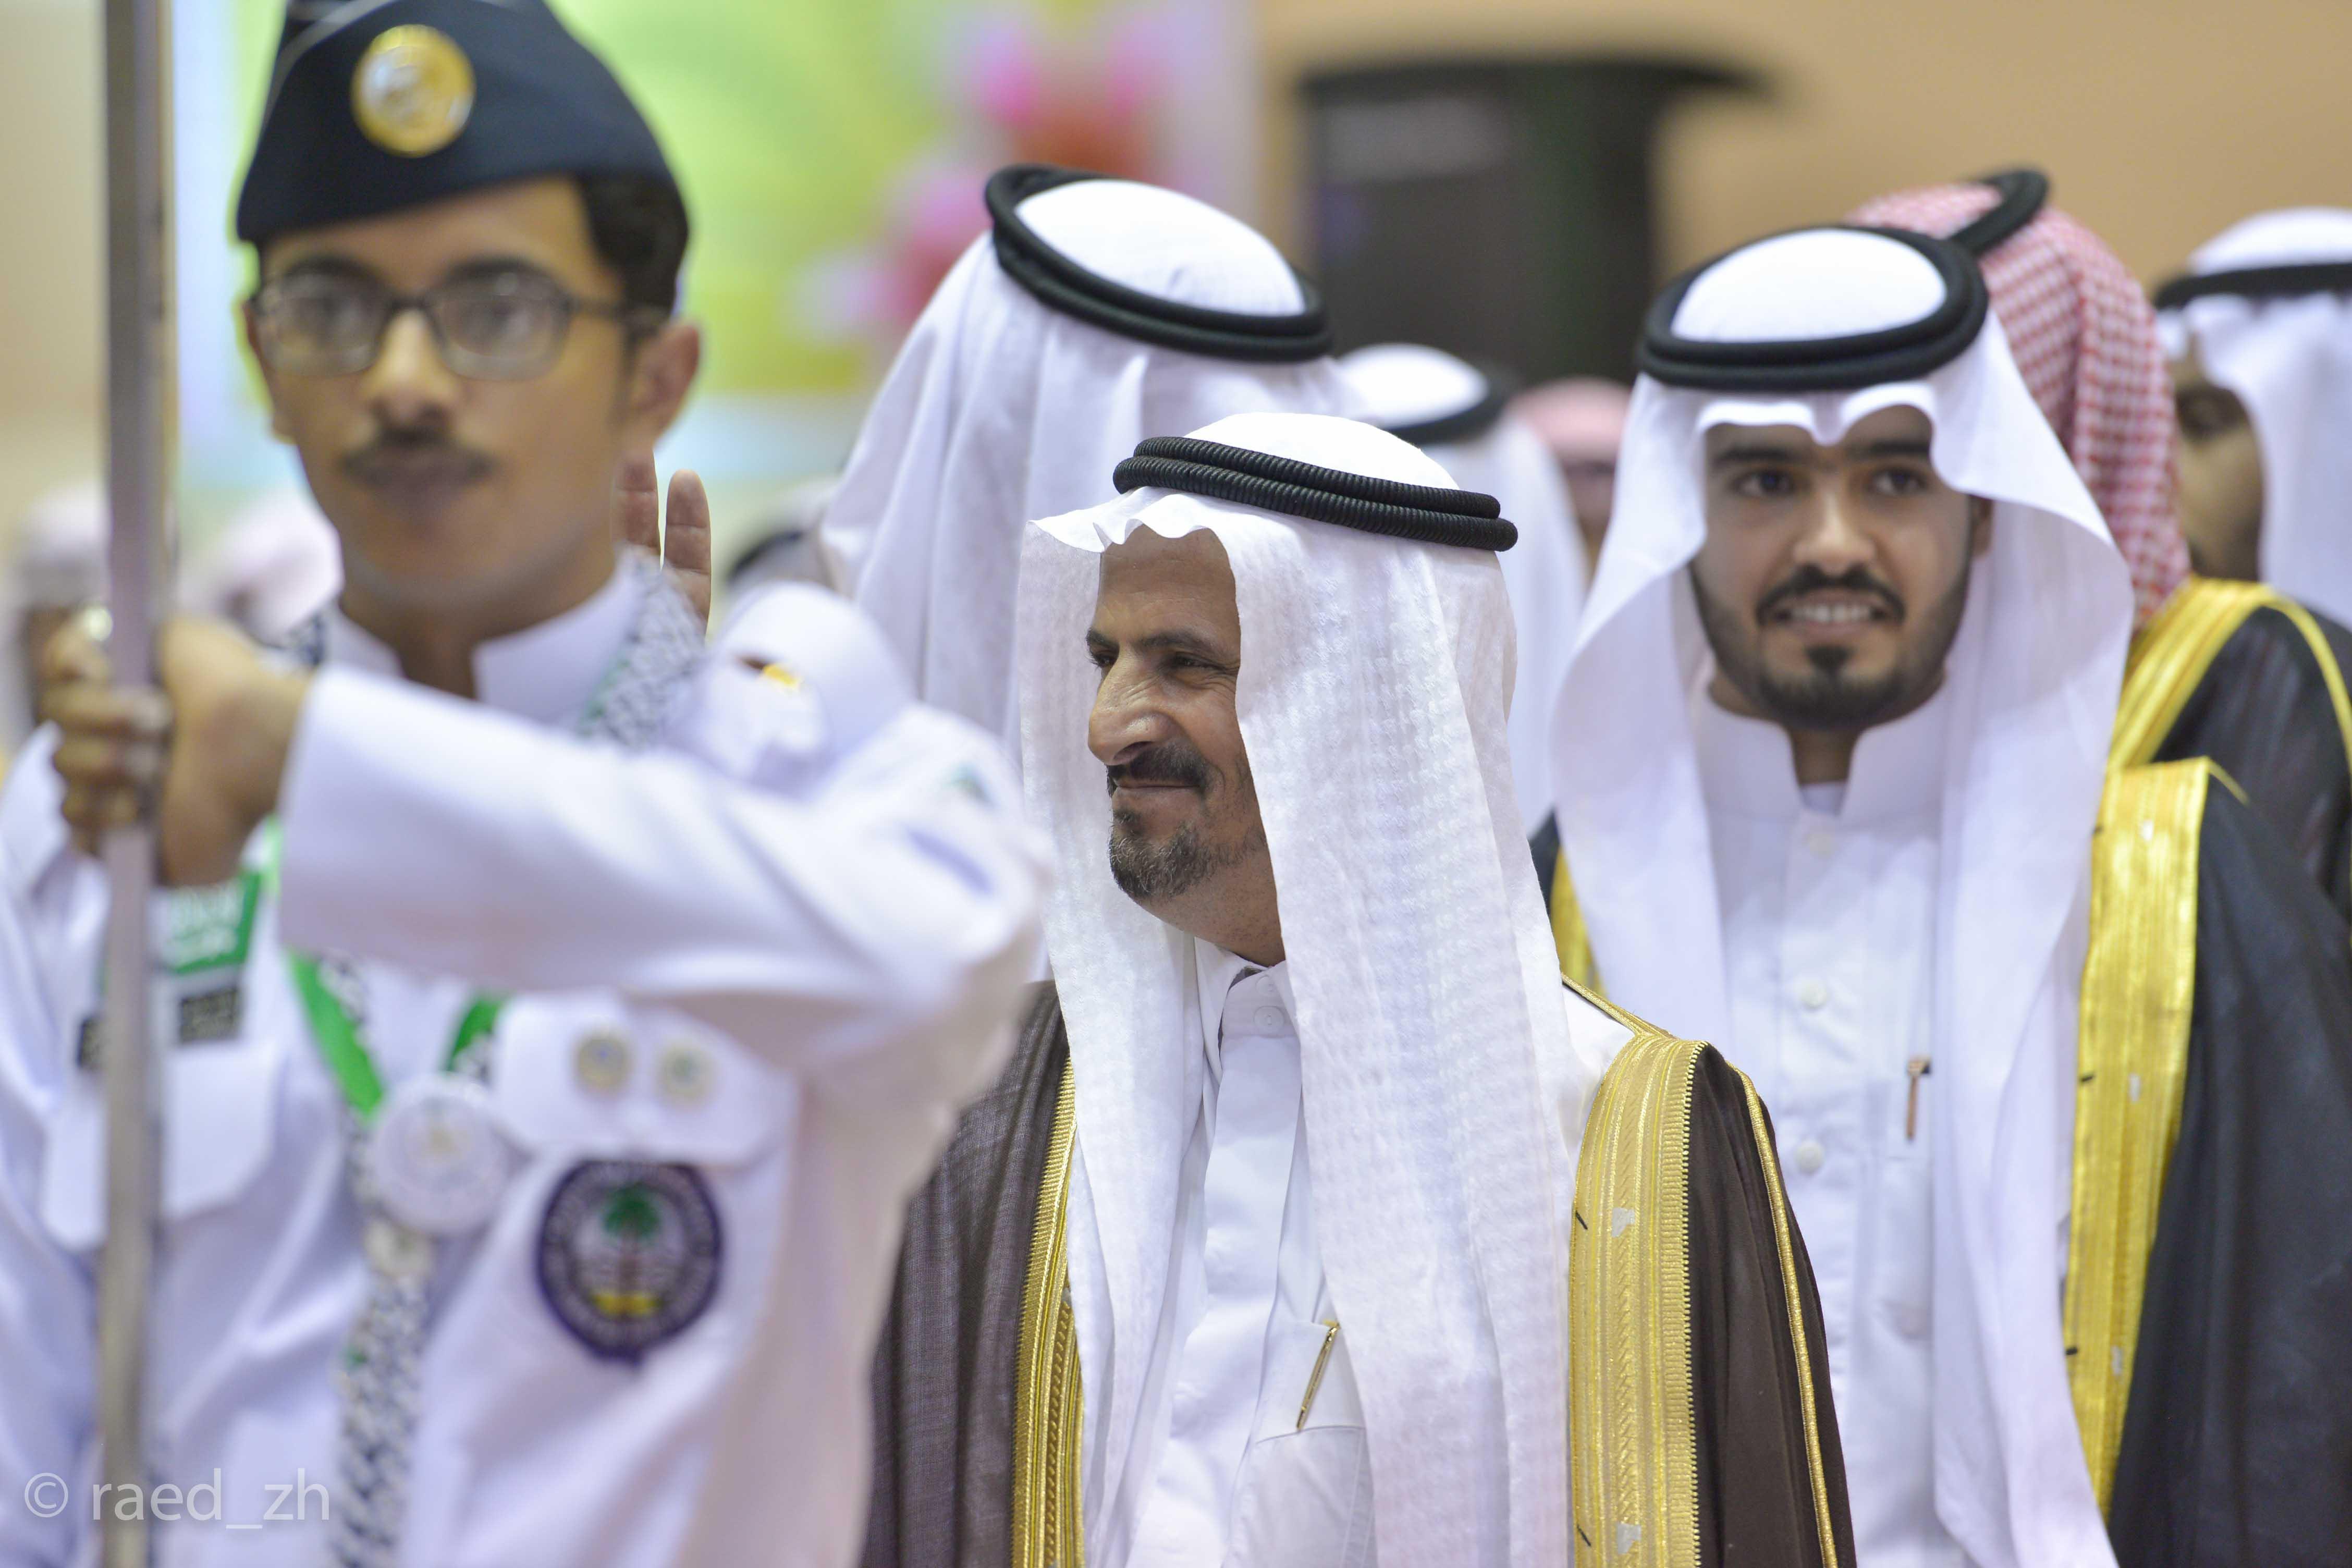 امير الباحة يرعى تخريج الدفعة العاشرة من طلاب وطالبات جامعة الباحة (6)